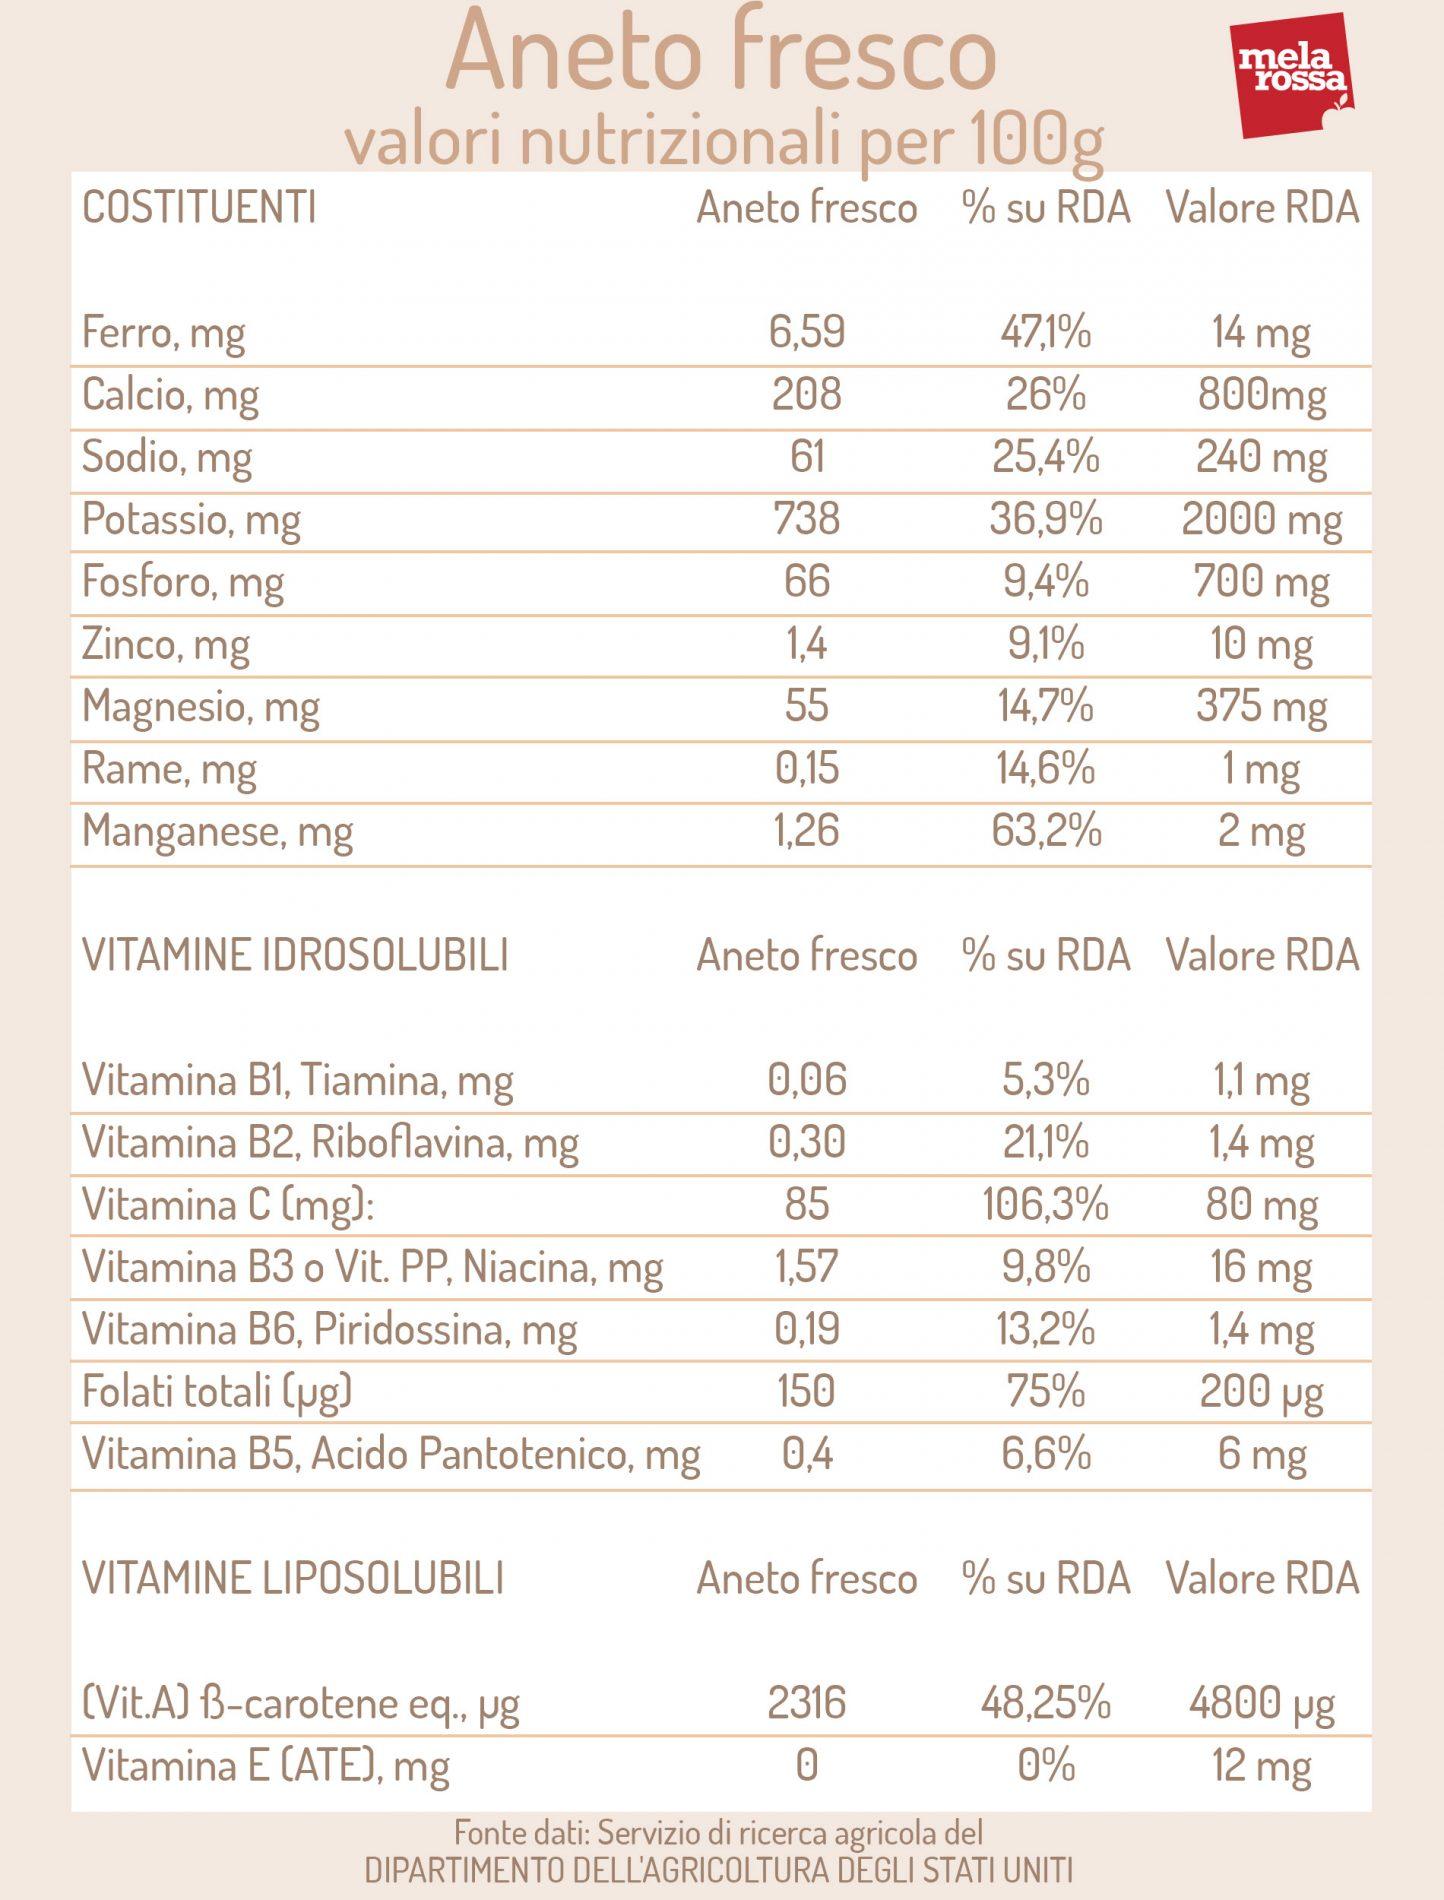 aneto fresco: valori nutrizionali